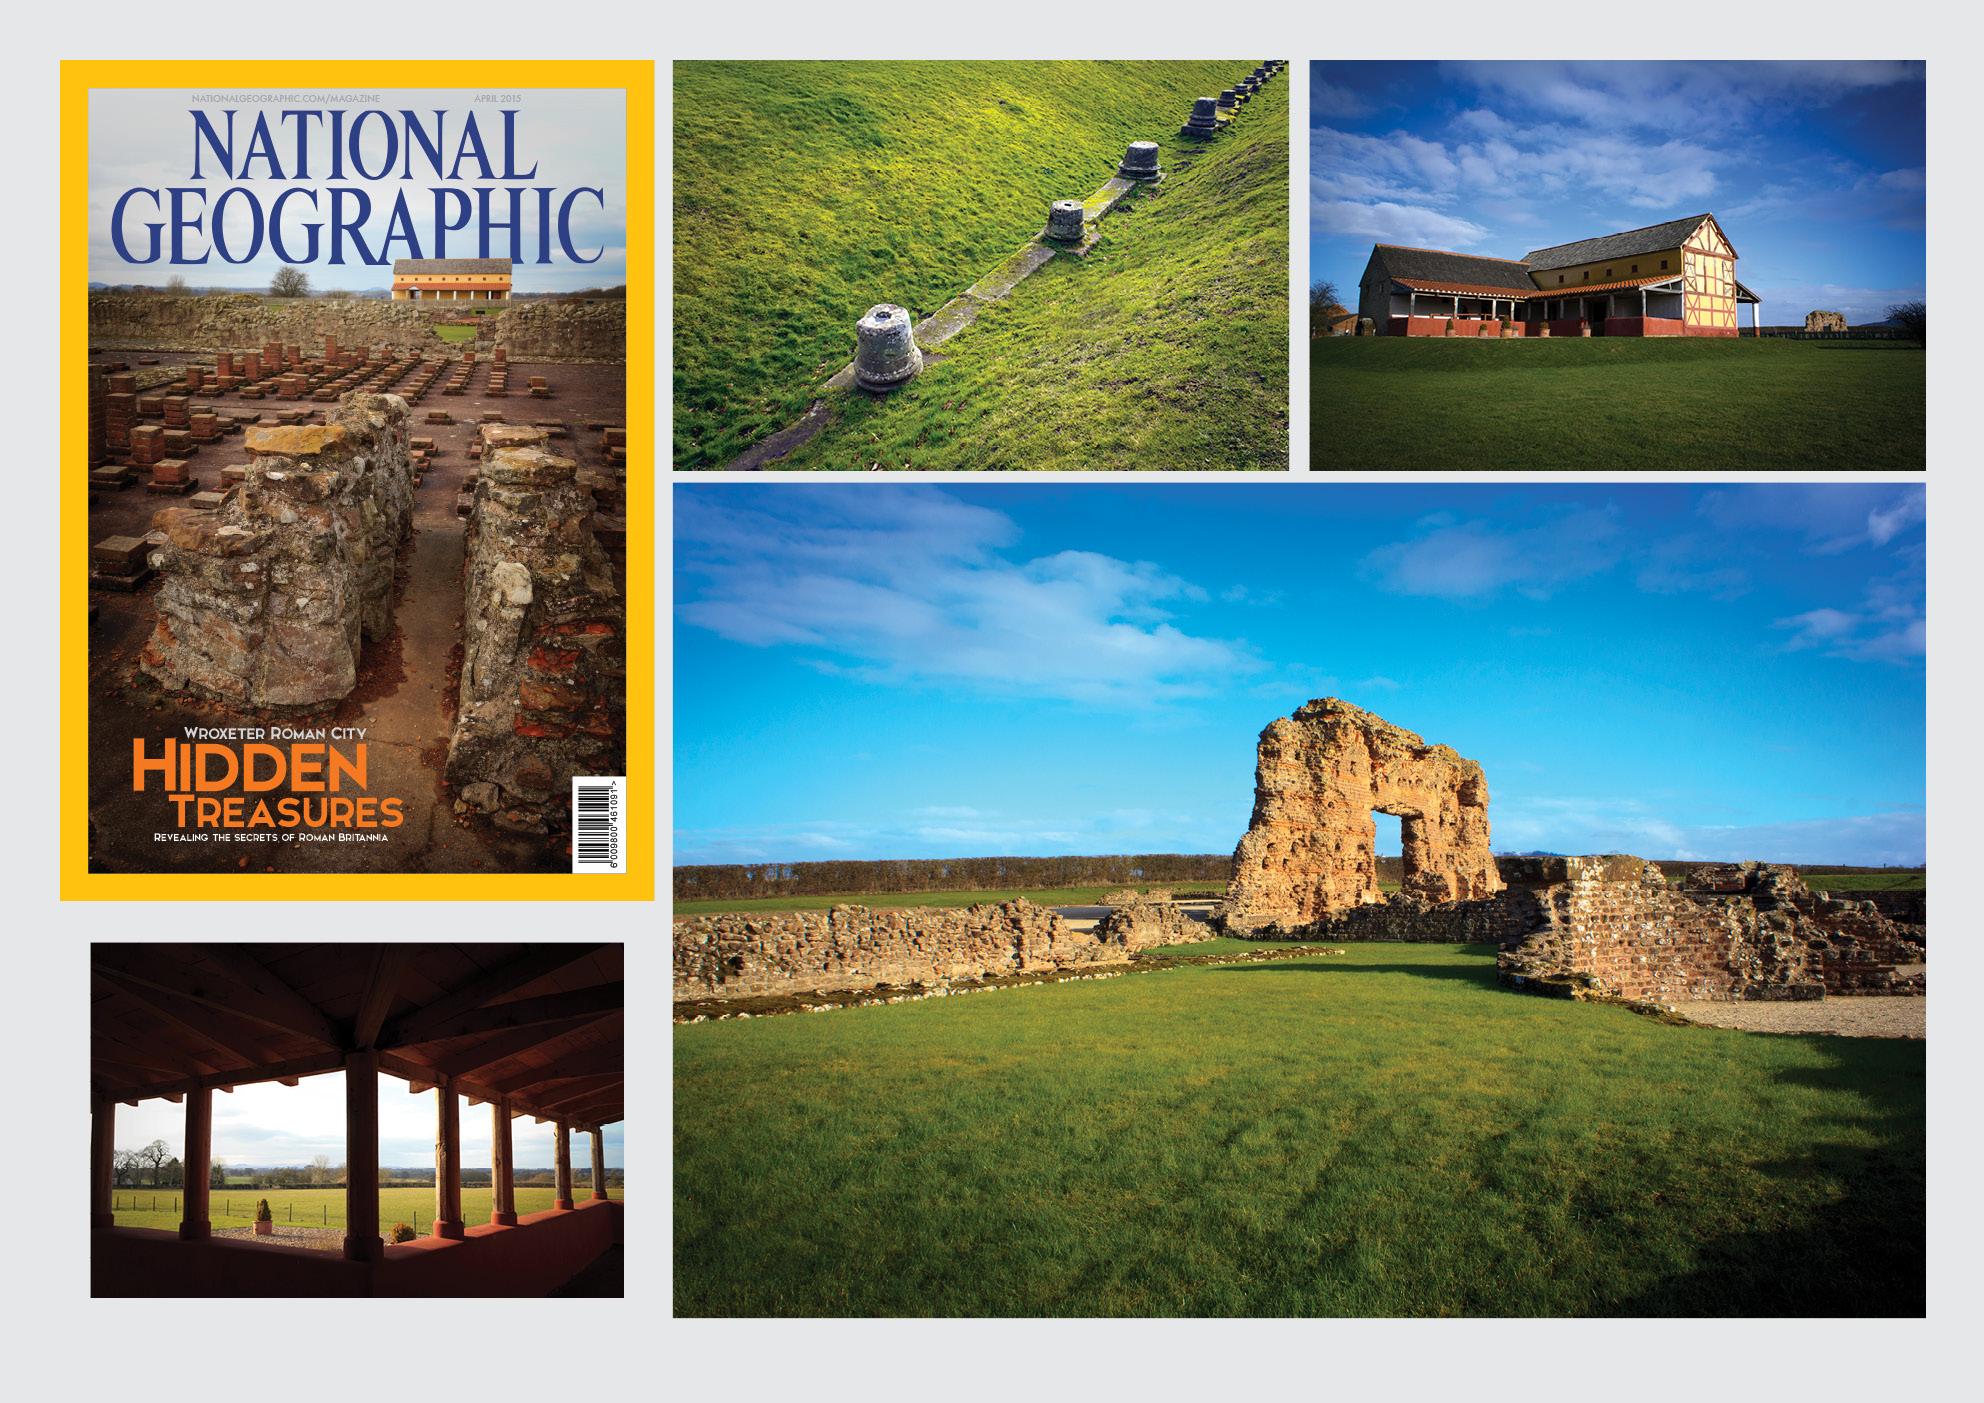 Wroxeter Roman City - Hidden Treasures